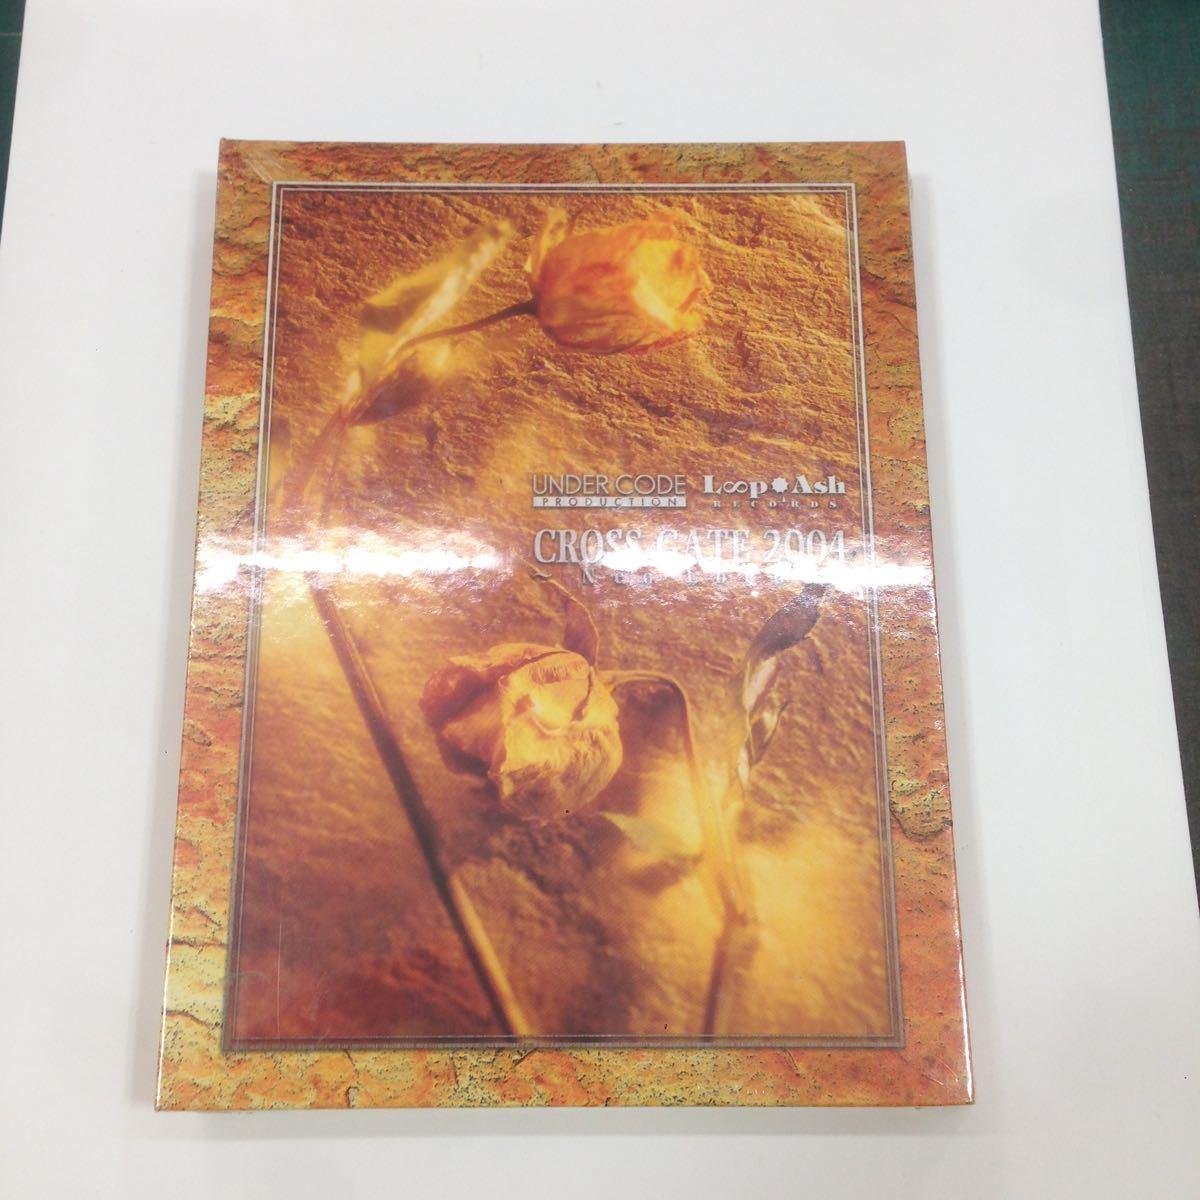 未開封新デッドストック 倉庫保管品 廃盤 貴重品 CD DVD CROSS GATE 2004 Neo Locus SHOXX UNDER CODE LOOP ASH 2枚組 12012 ヴィドール_画像1